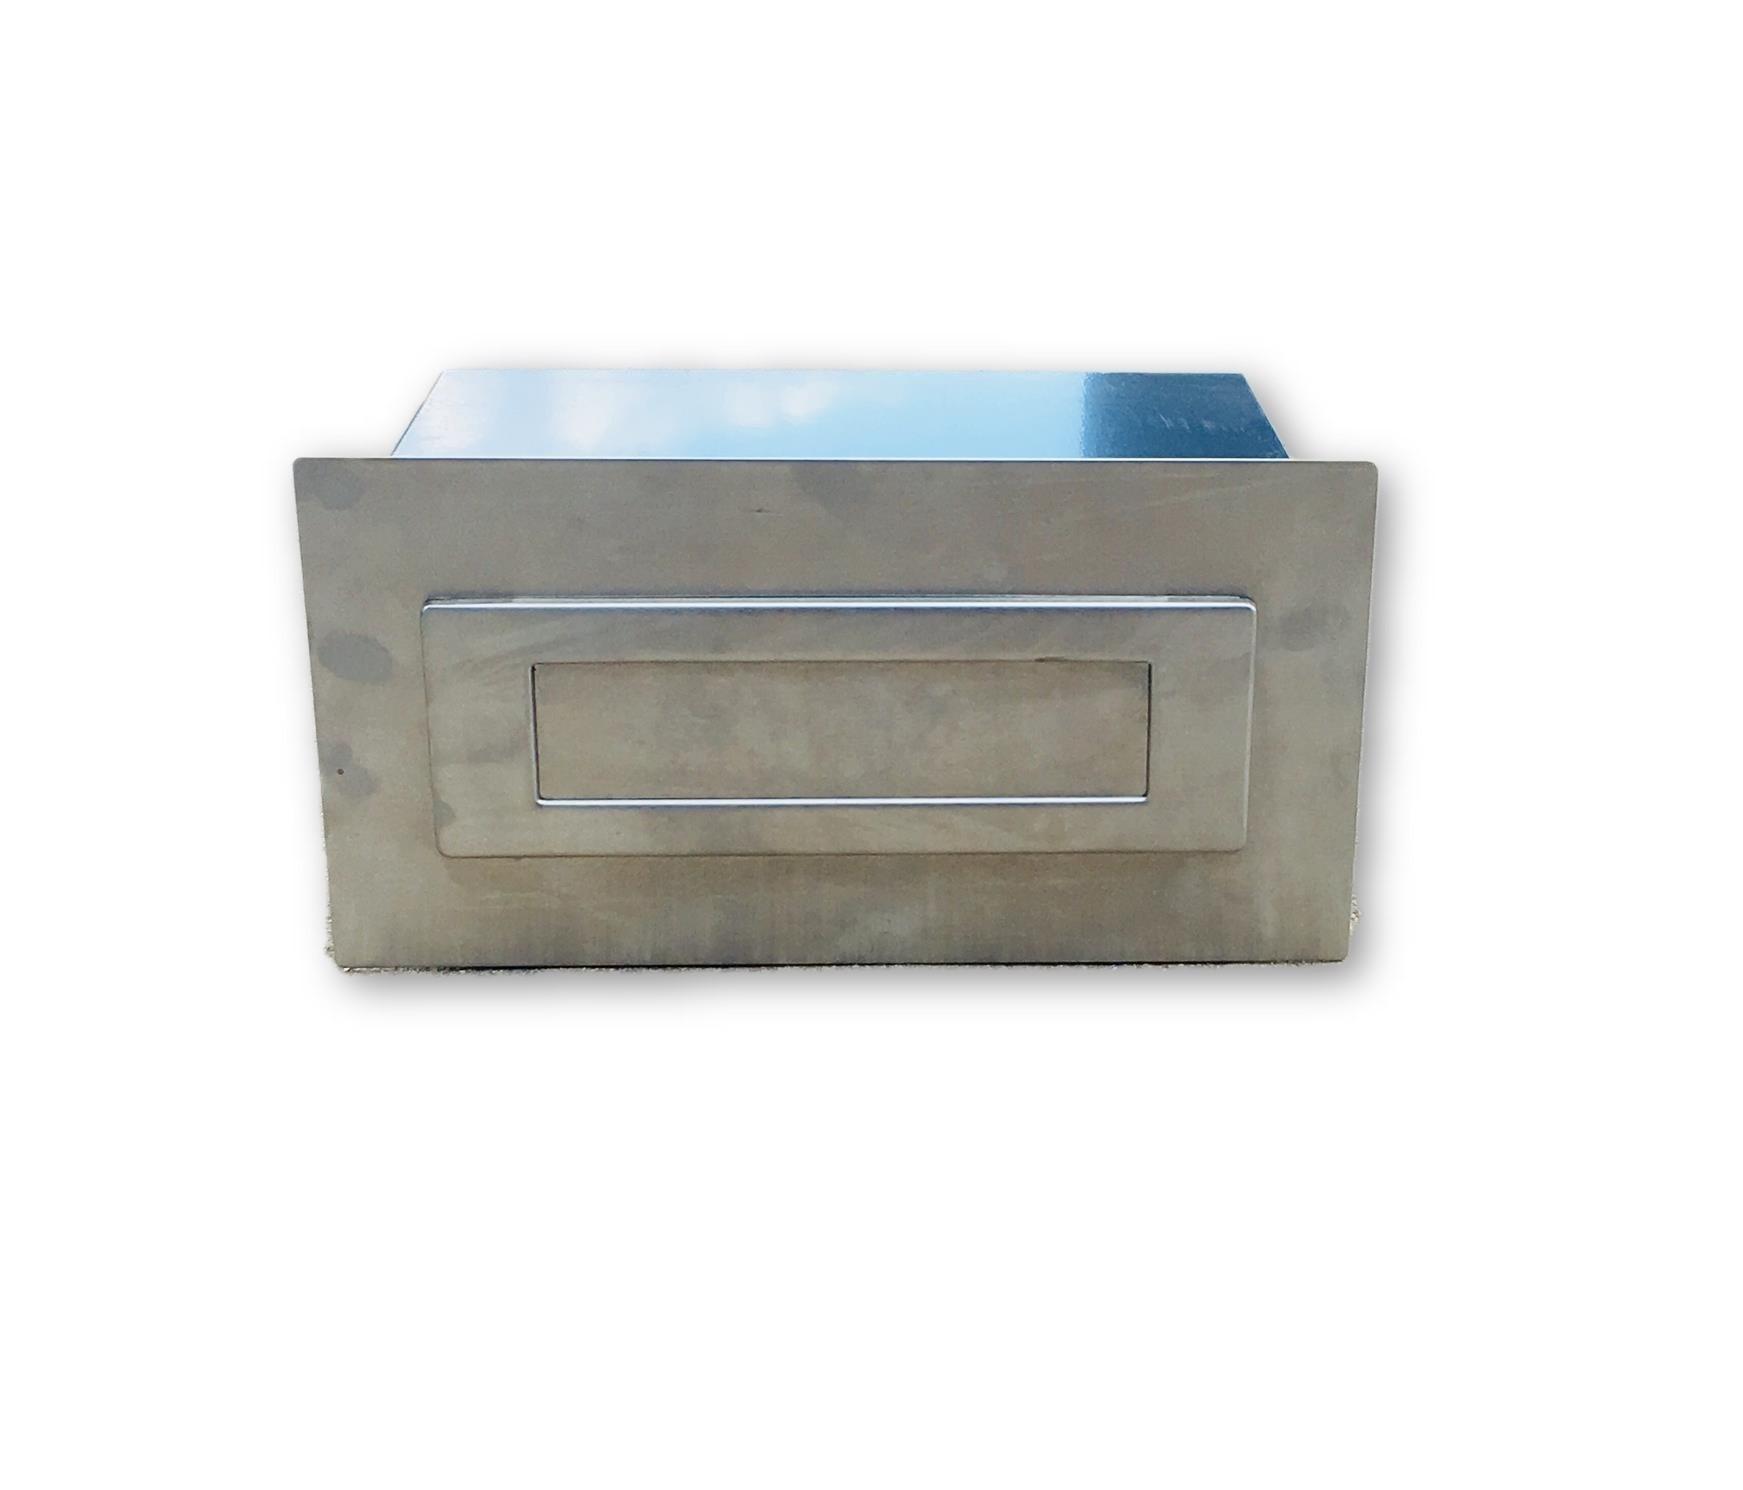 Stainless Budget Brick Box - Stainless Steel Mailbox Budget Brick Box